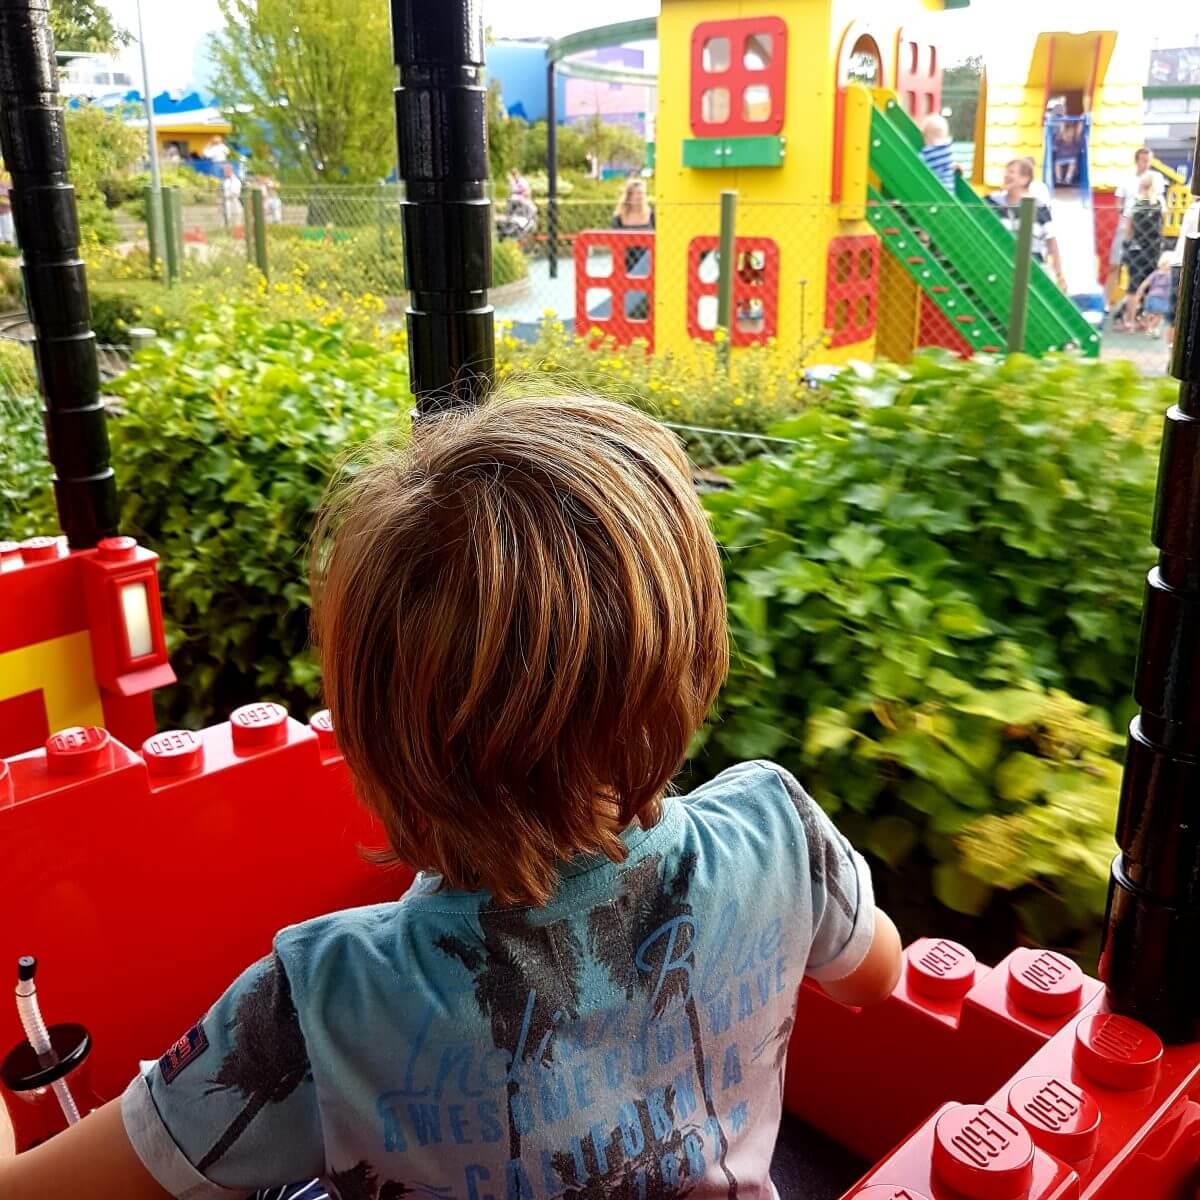 Legoland met kinderen: alles wat je wil weten, Miniland trein #leukmetkids #legoland #Denemarken #kinderen